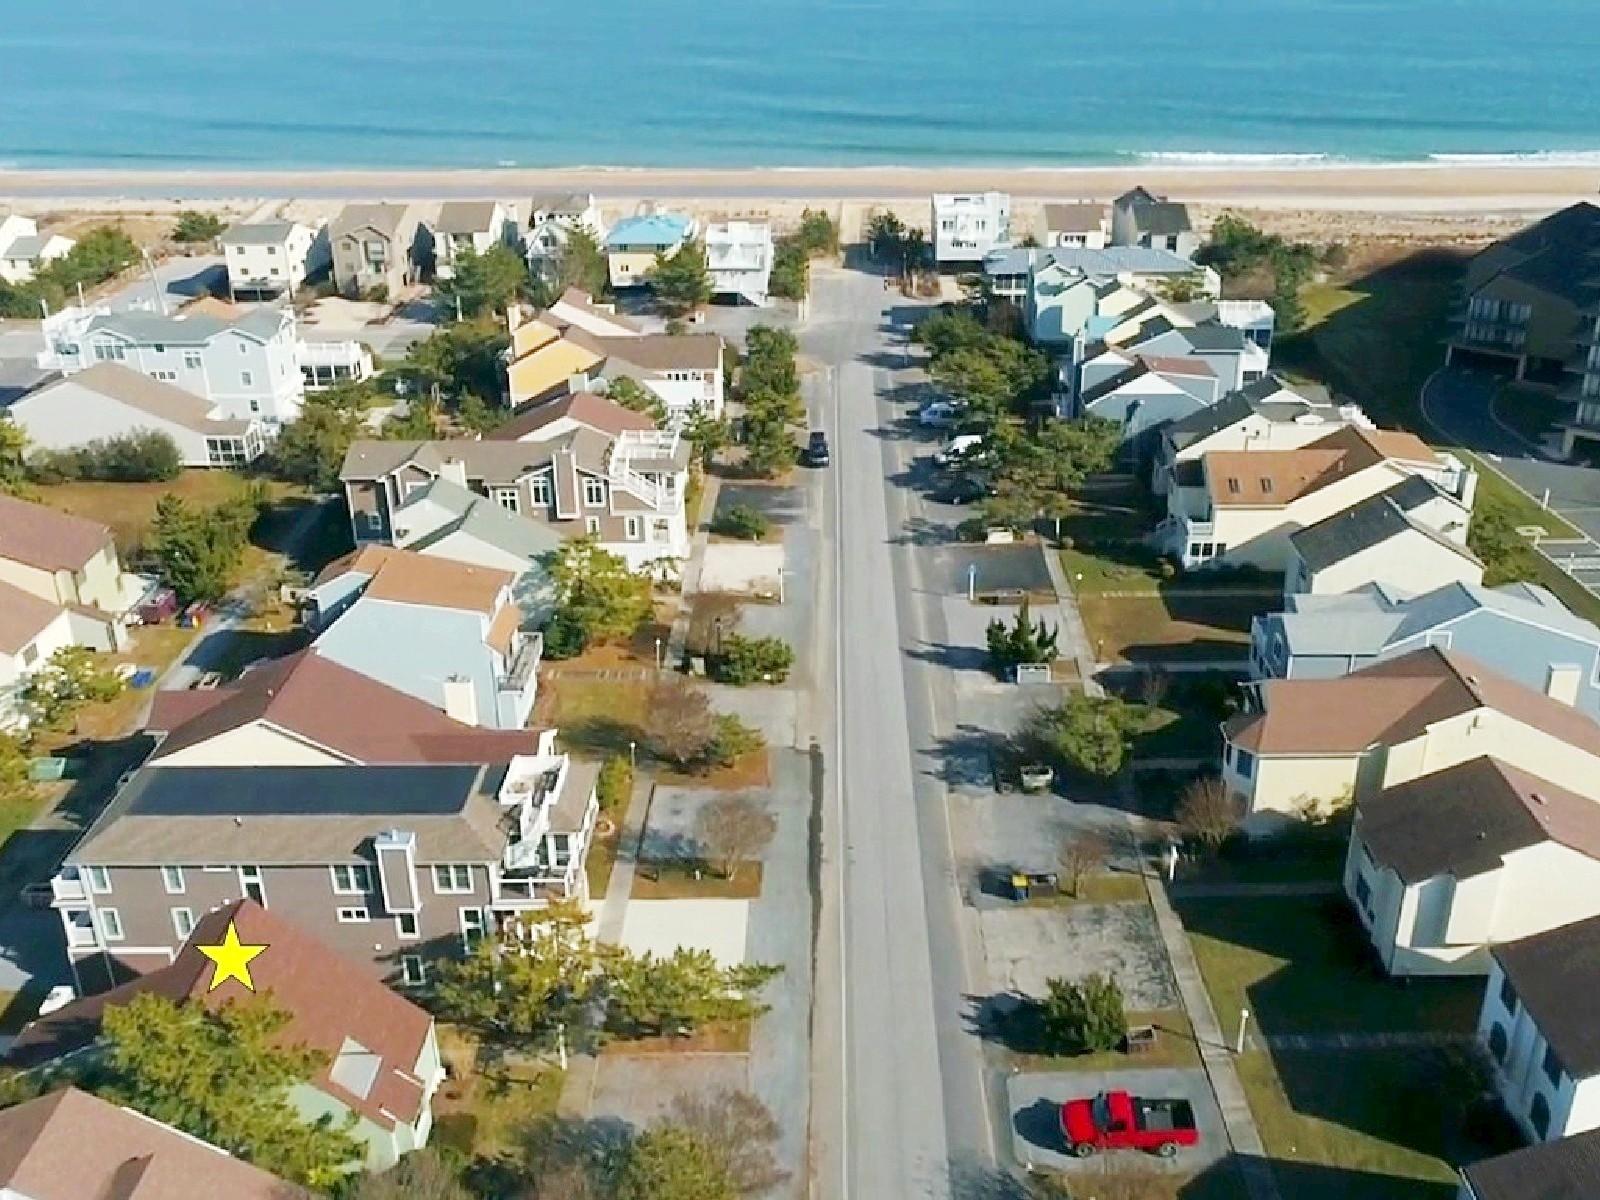 Частный односемейный дом для того Продажа на 119 Cedarwood Street , Bethany Beach, DE 19930 119 Cedarwood Street Bethany Beach, Делавэр, 19930 Соединенные Штаты